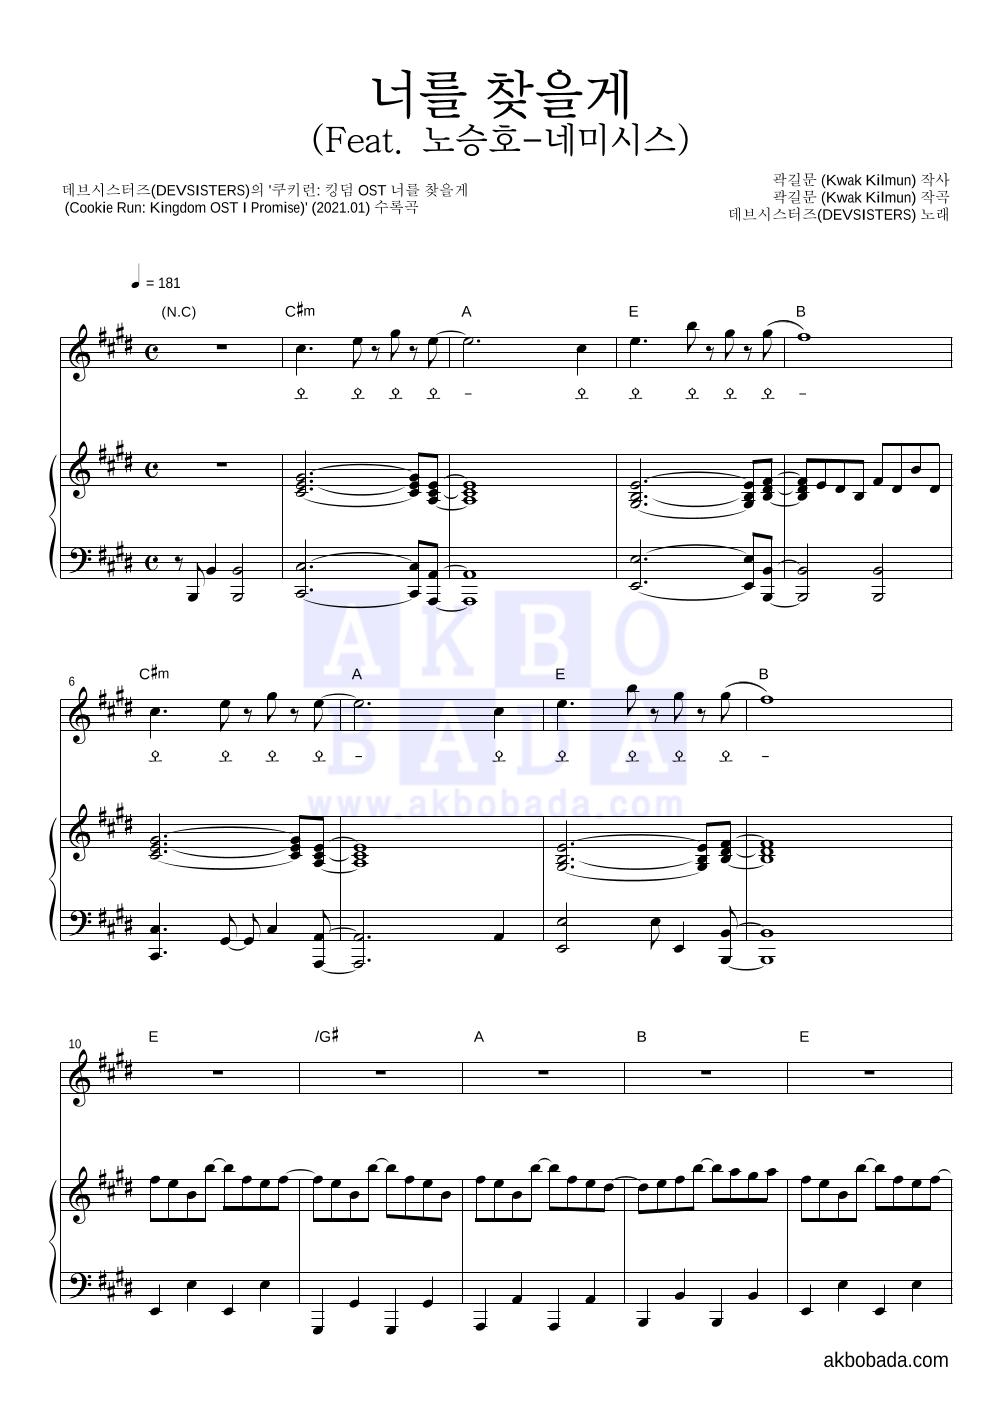 데브시스터즈 - 너를 찾을게 (Feat. 노승호-네미시스) 피아노 3단 악보